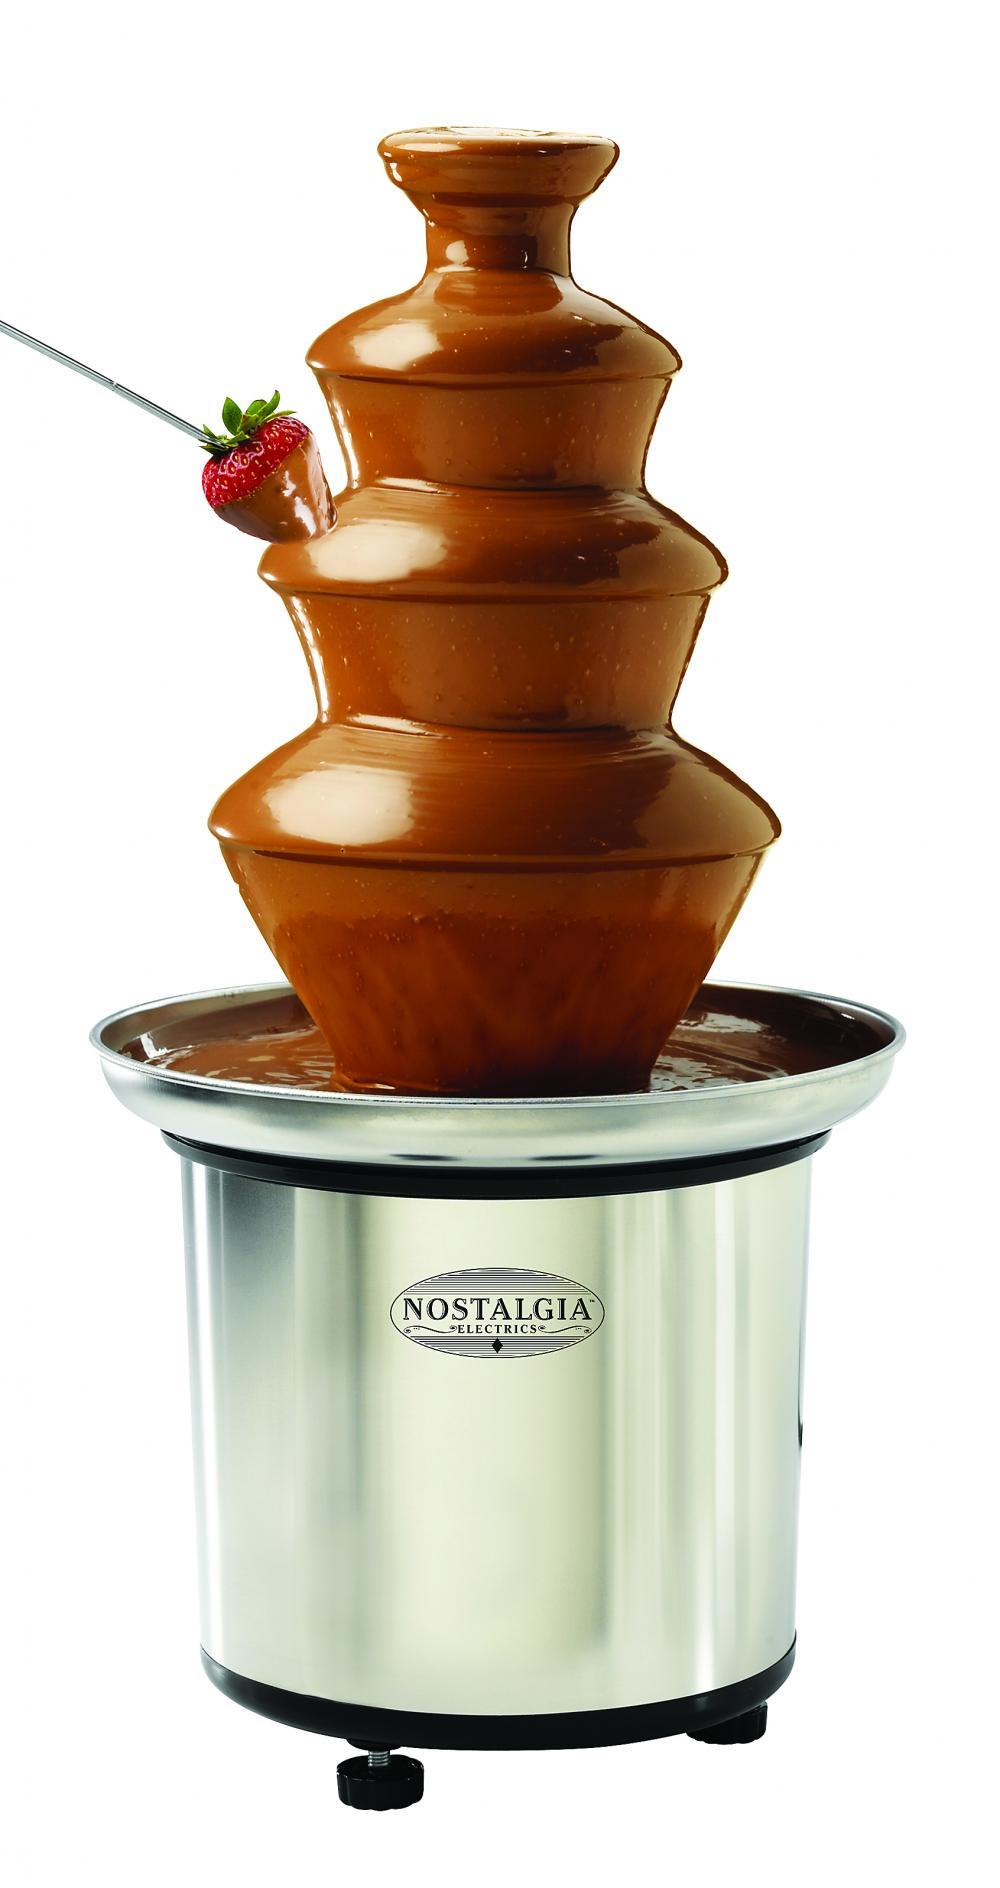 Nostalgia 3-Tier Stainless Steel Chocolate Fountain